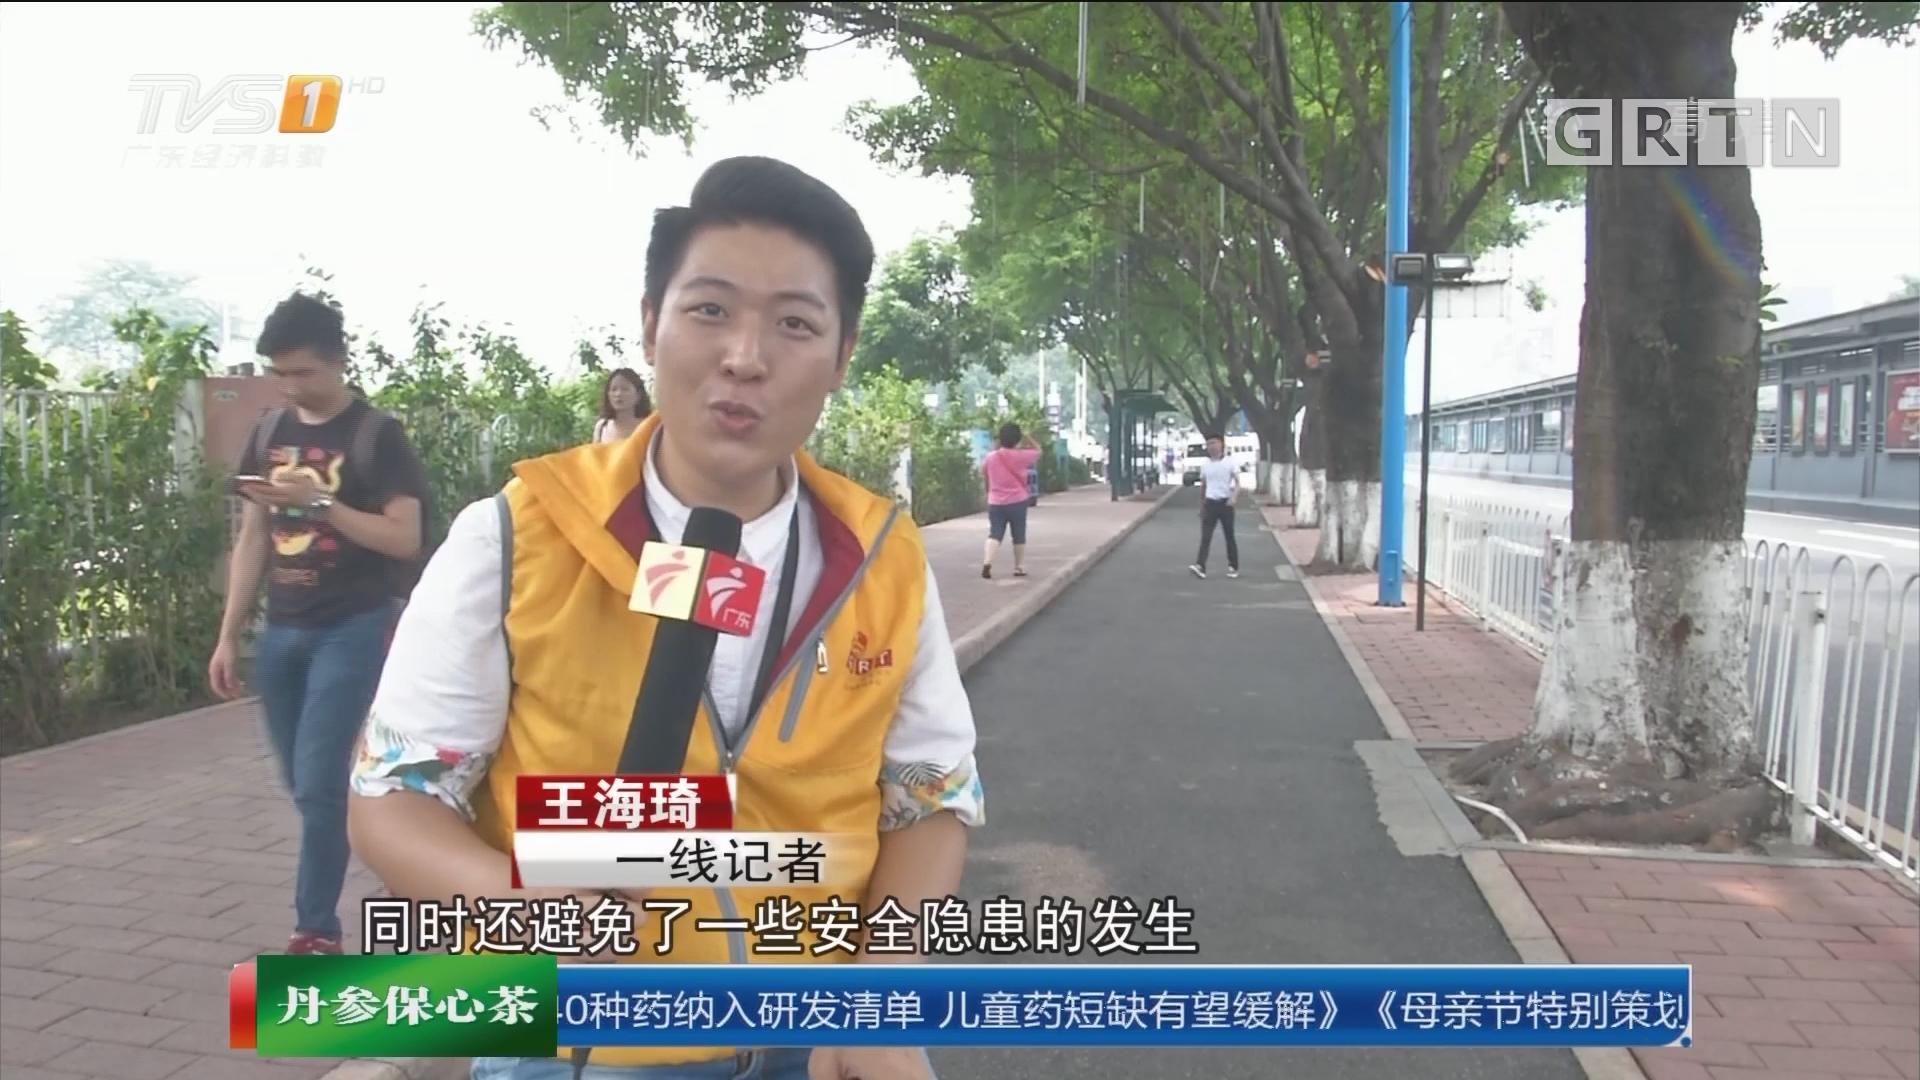 广州拟建自行车专用道:记者体验骑车出行 人车争道很危险